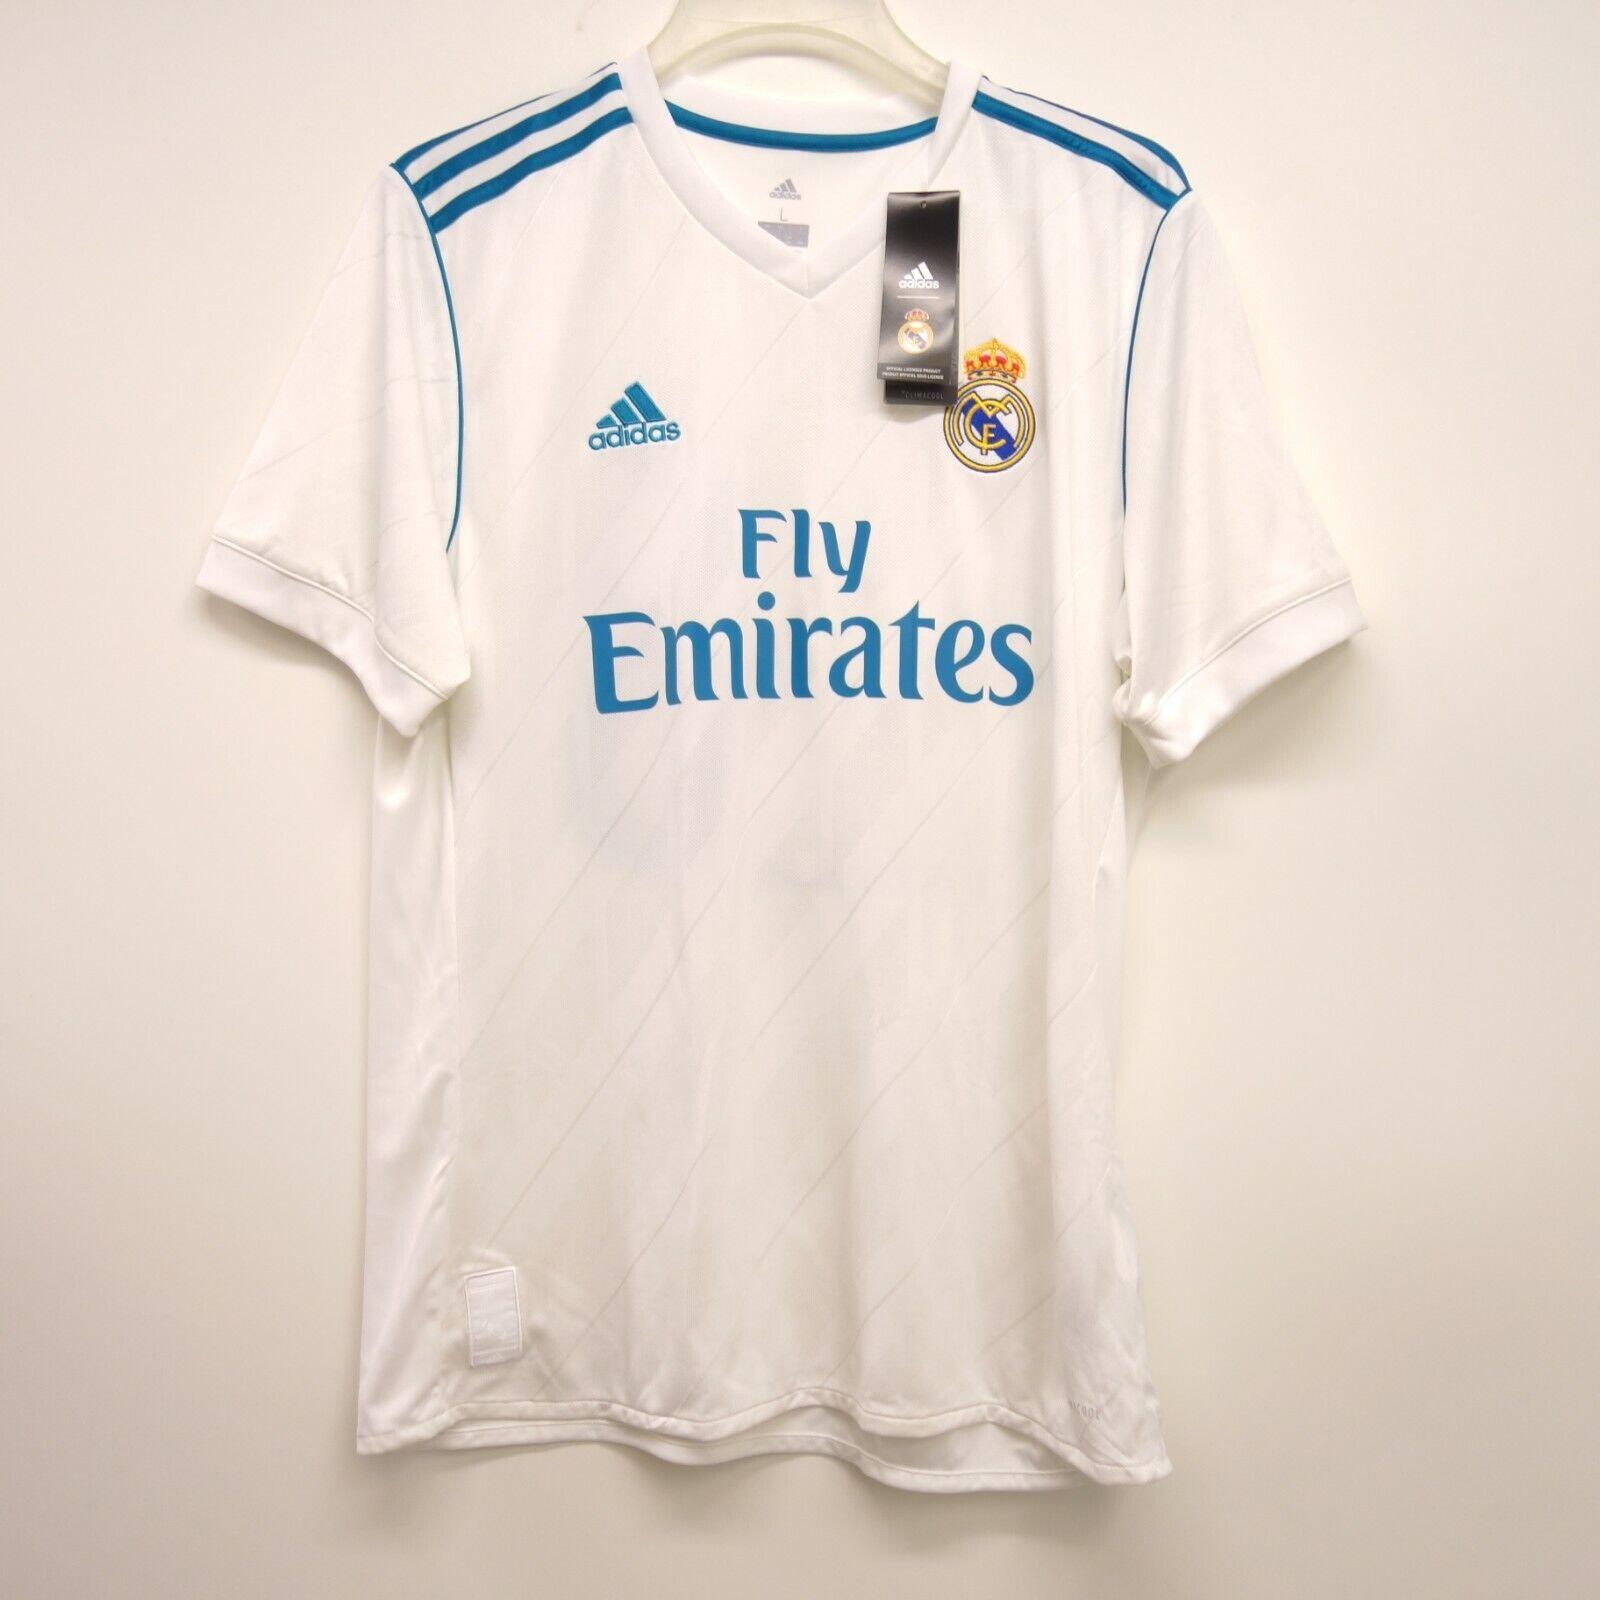 Adidas Talla Grande Hombre Real Madrid Fútbol  Volar Emirates blancoo  autorización oficial